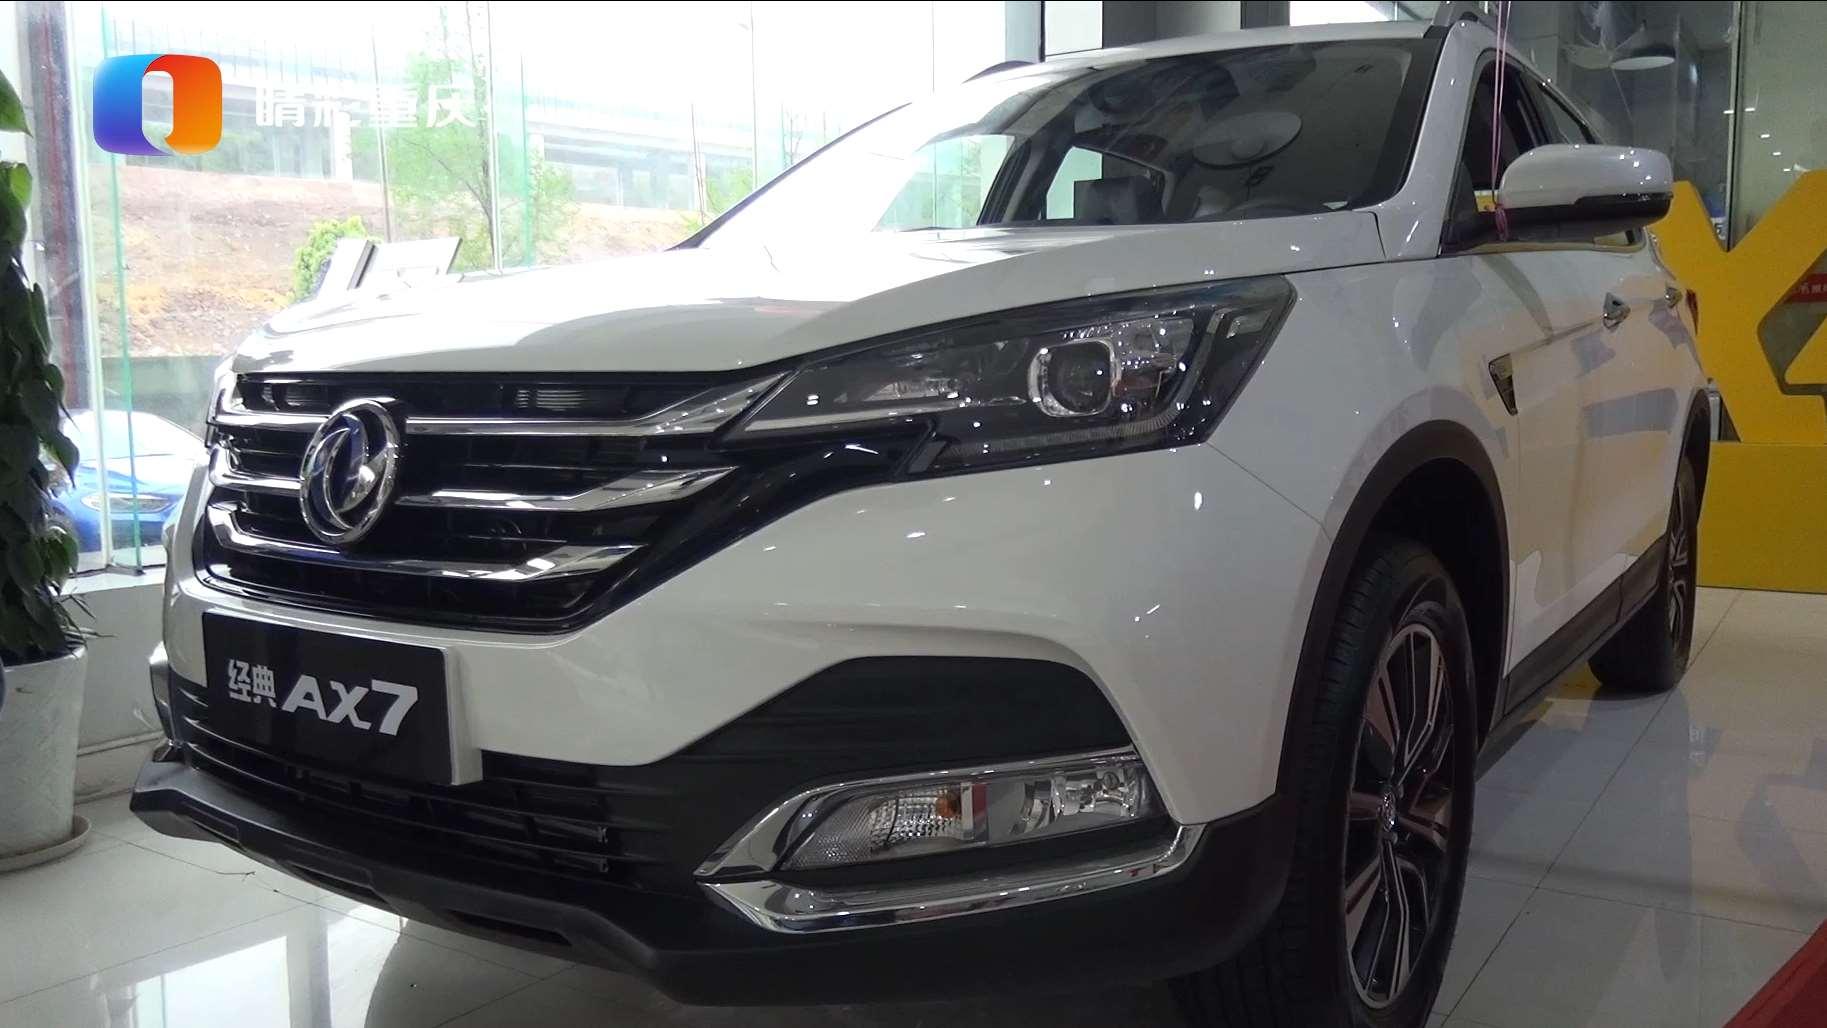 国民大空间SUV东风风神经典AX7焕新上市售价8.98万元